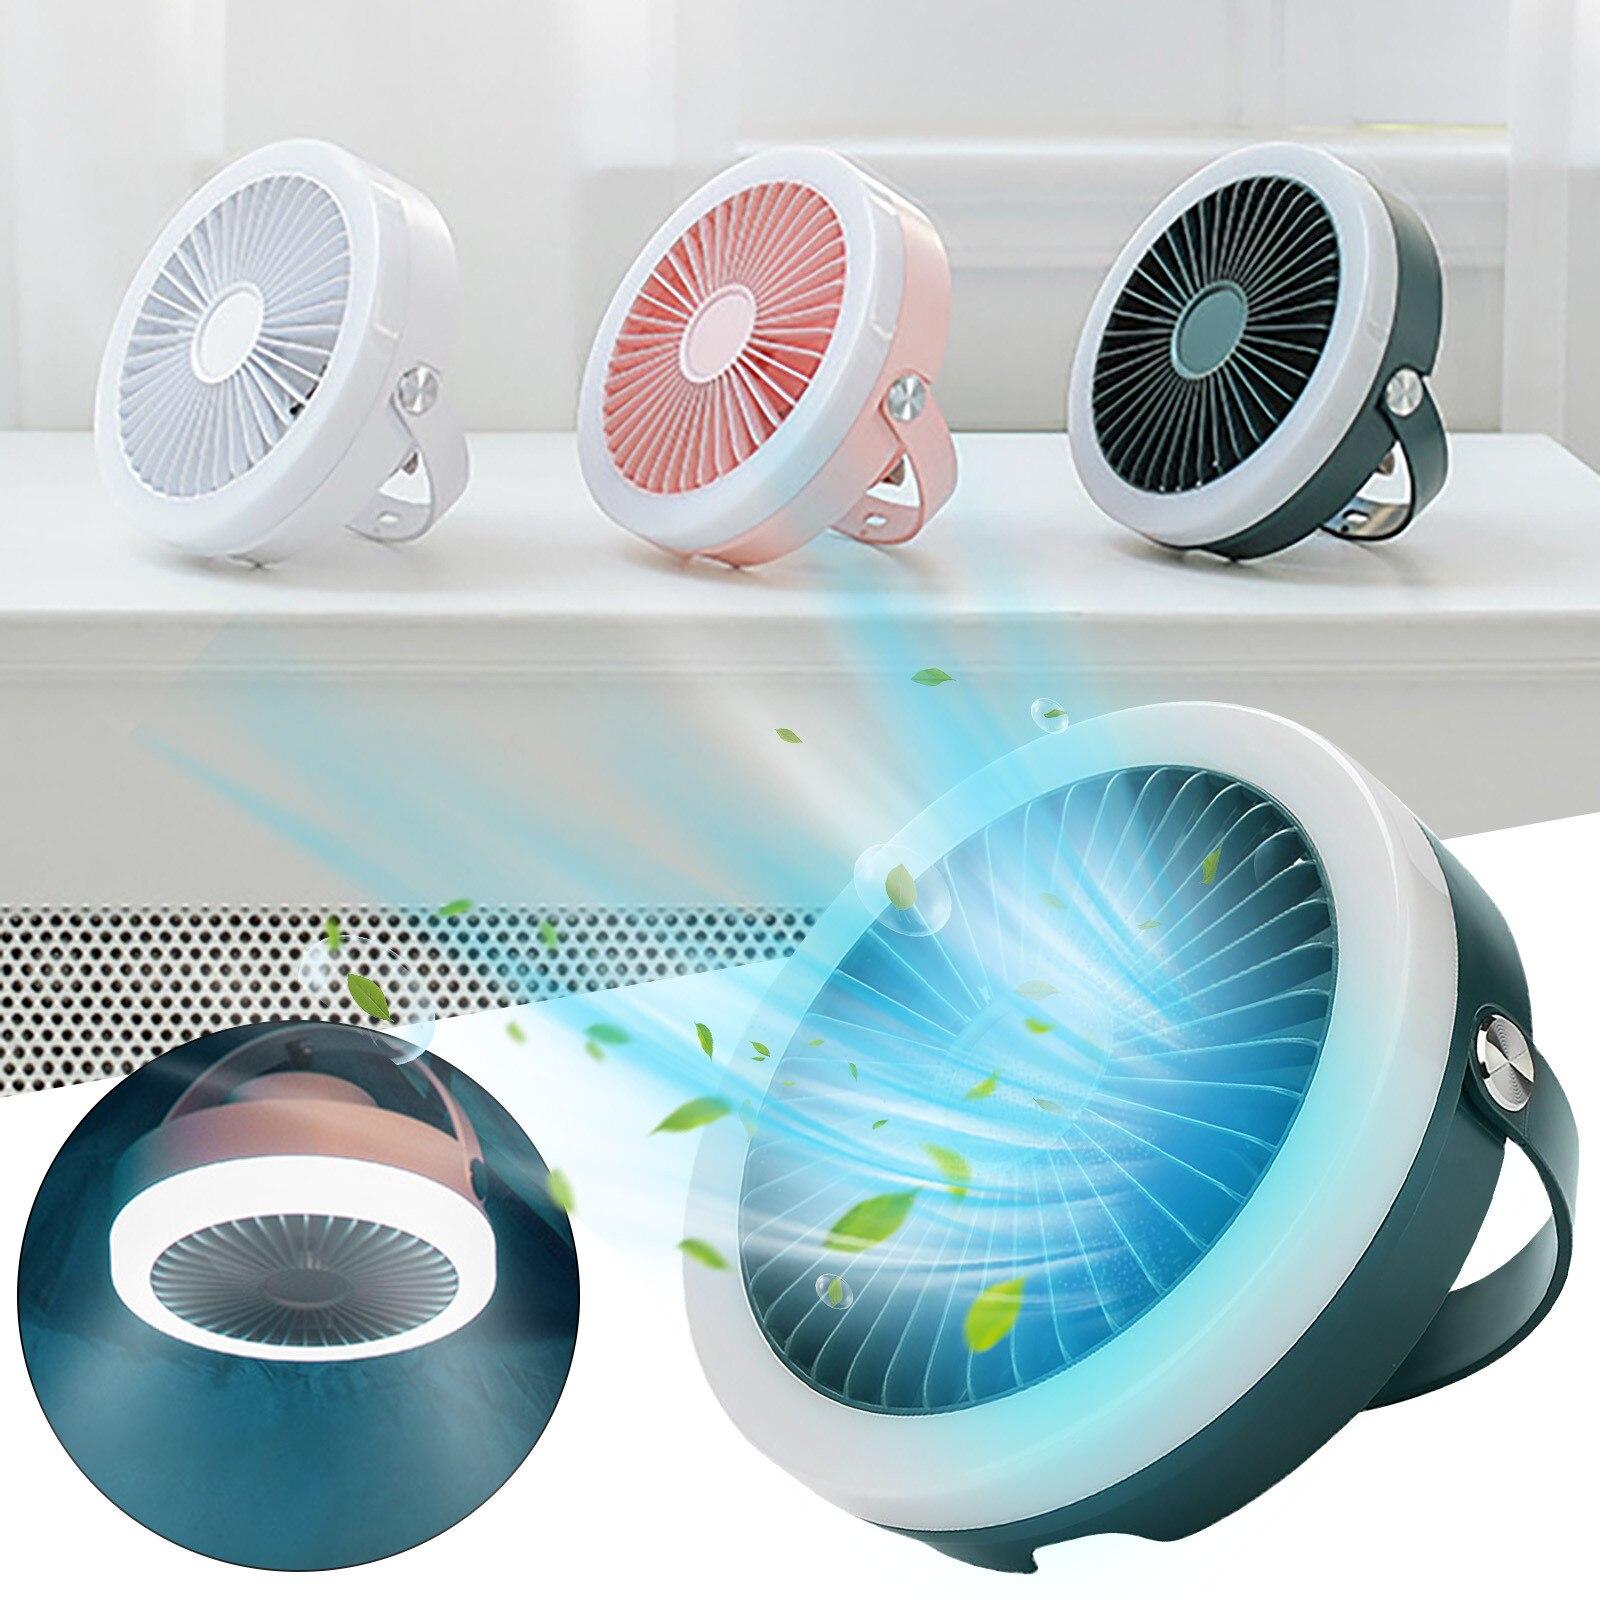 Ventilador de Controle Remoto com Luz Portátil ao ar Ventiladores de Refrigeração de Viagem Ventilador de Teto Carprie Mini Anel Recarregável Livre Indoor Desktop Usb